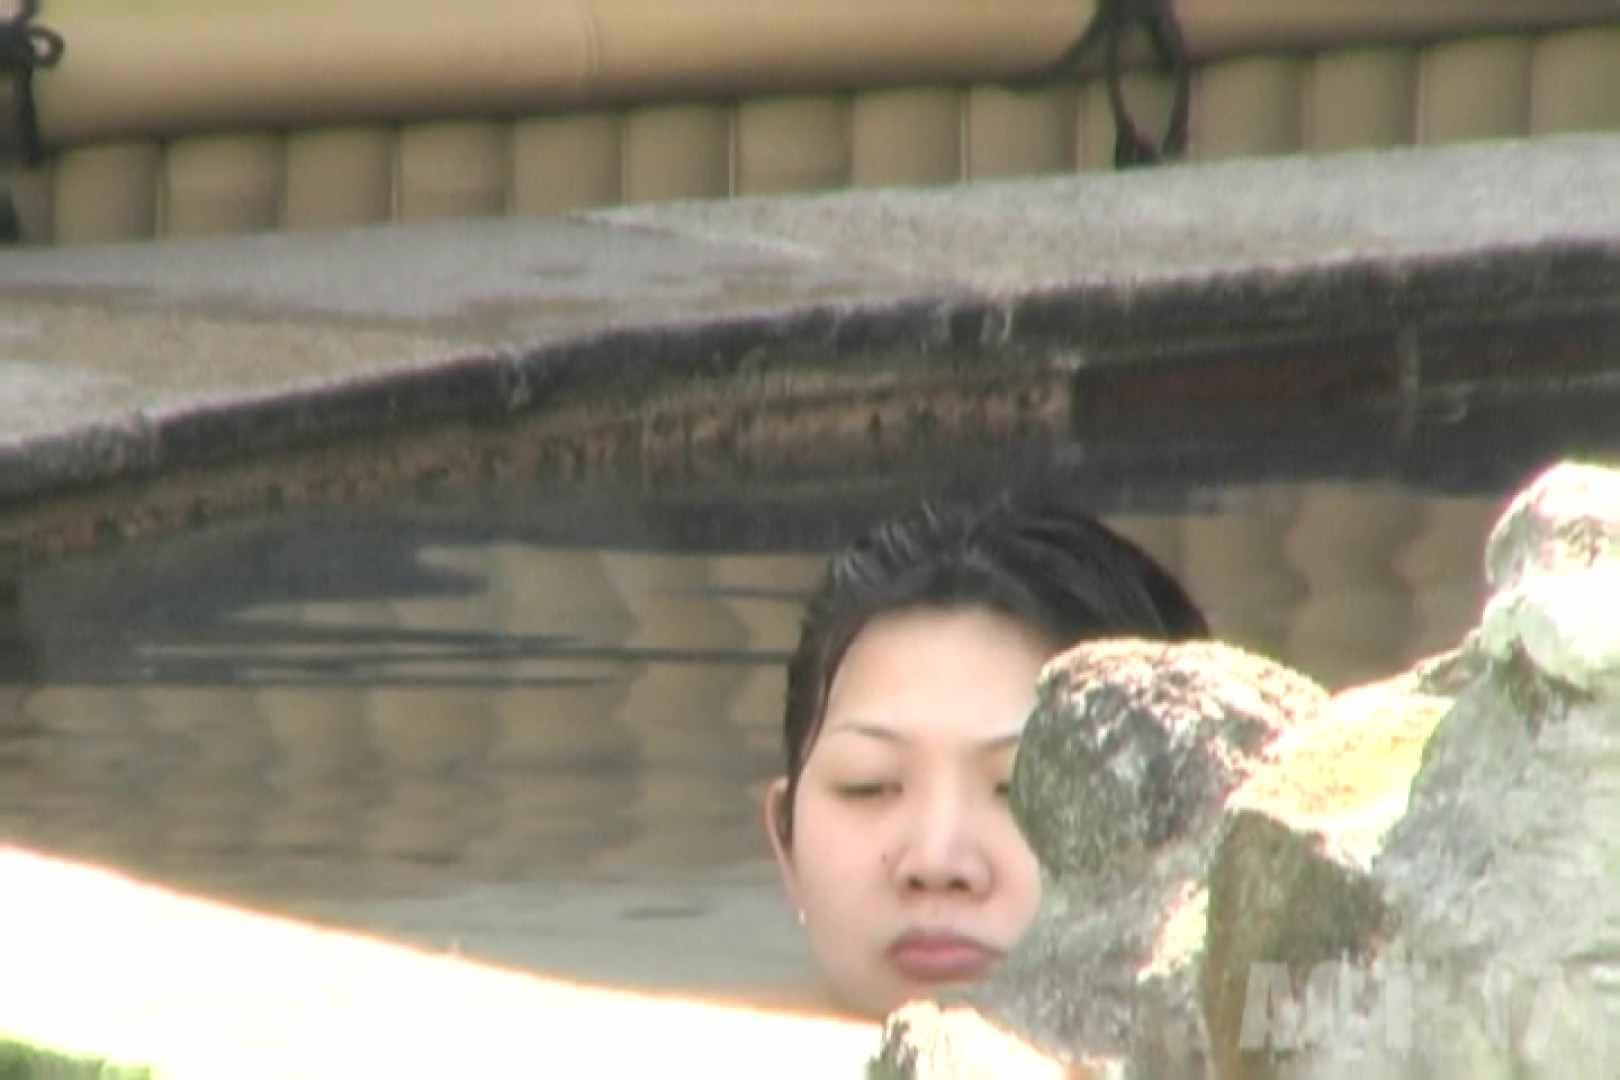 Aquaな露天風呂Vol.850 盗撮シリーズ  88PIX 36